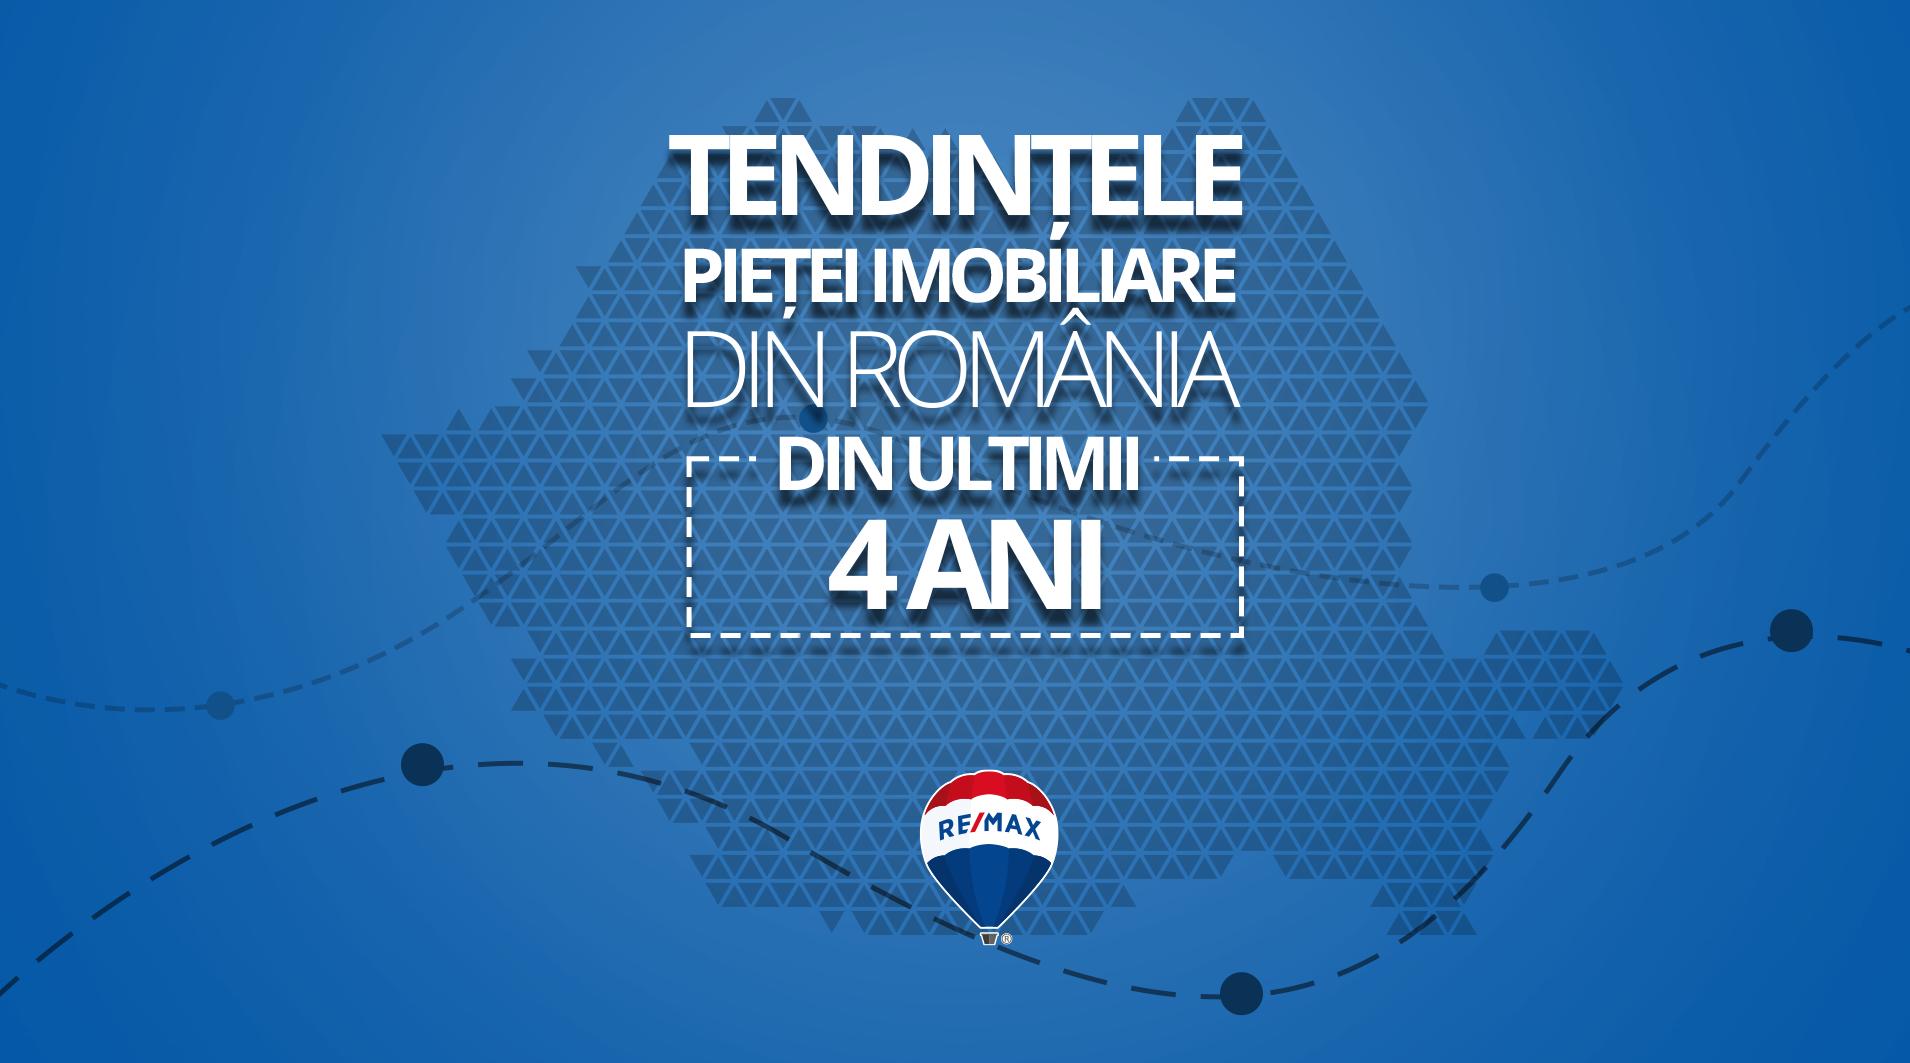 Tendințele pieței imobiliare din România din ultimii 4 ani